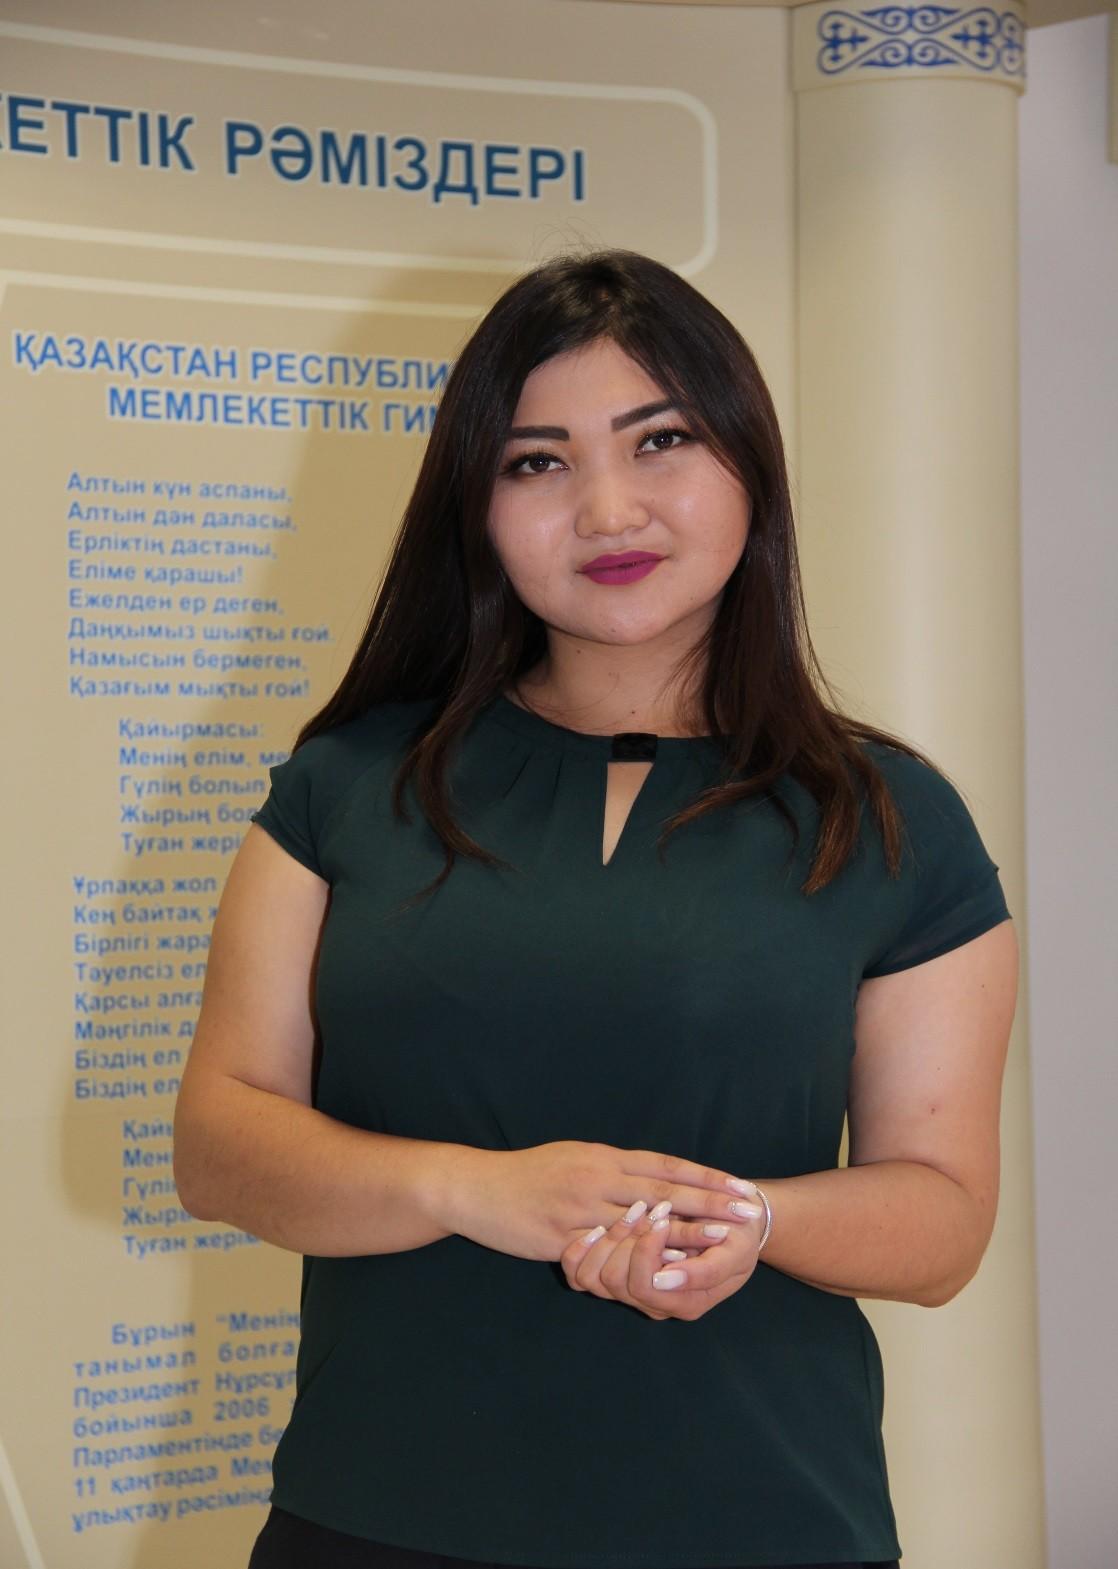 Нуратаева Инкар Мирхаткызы